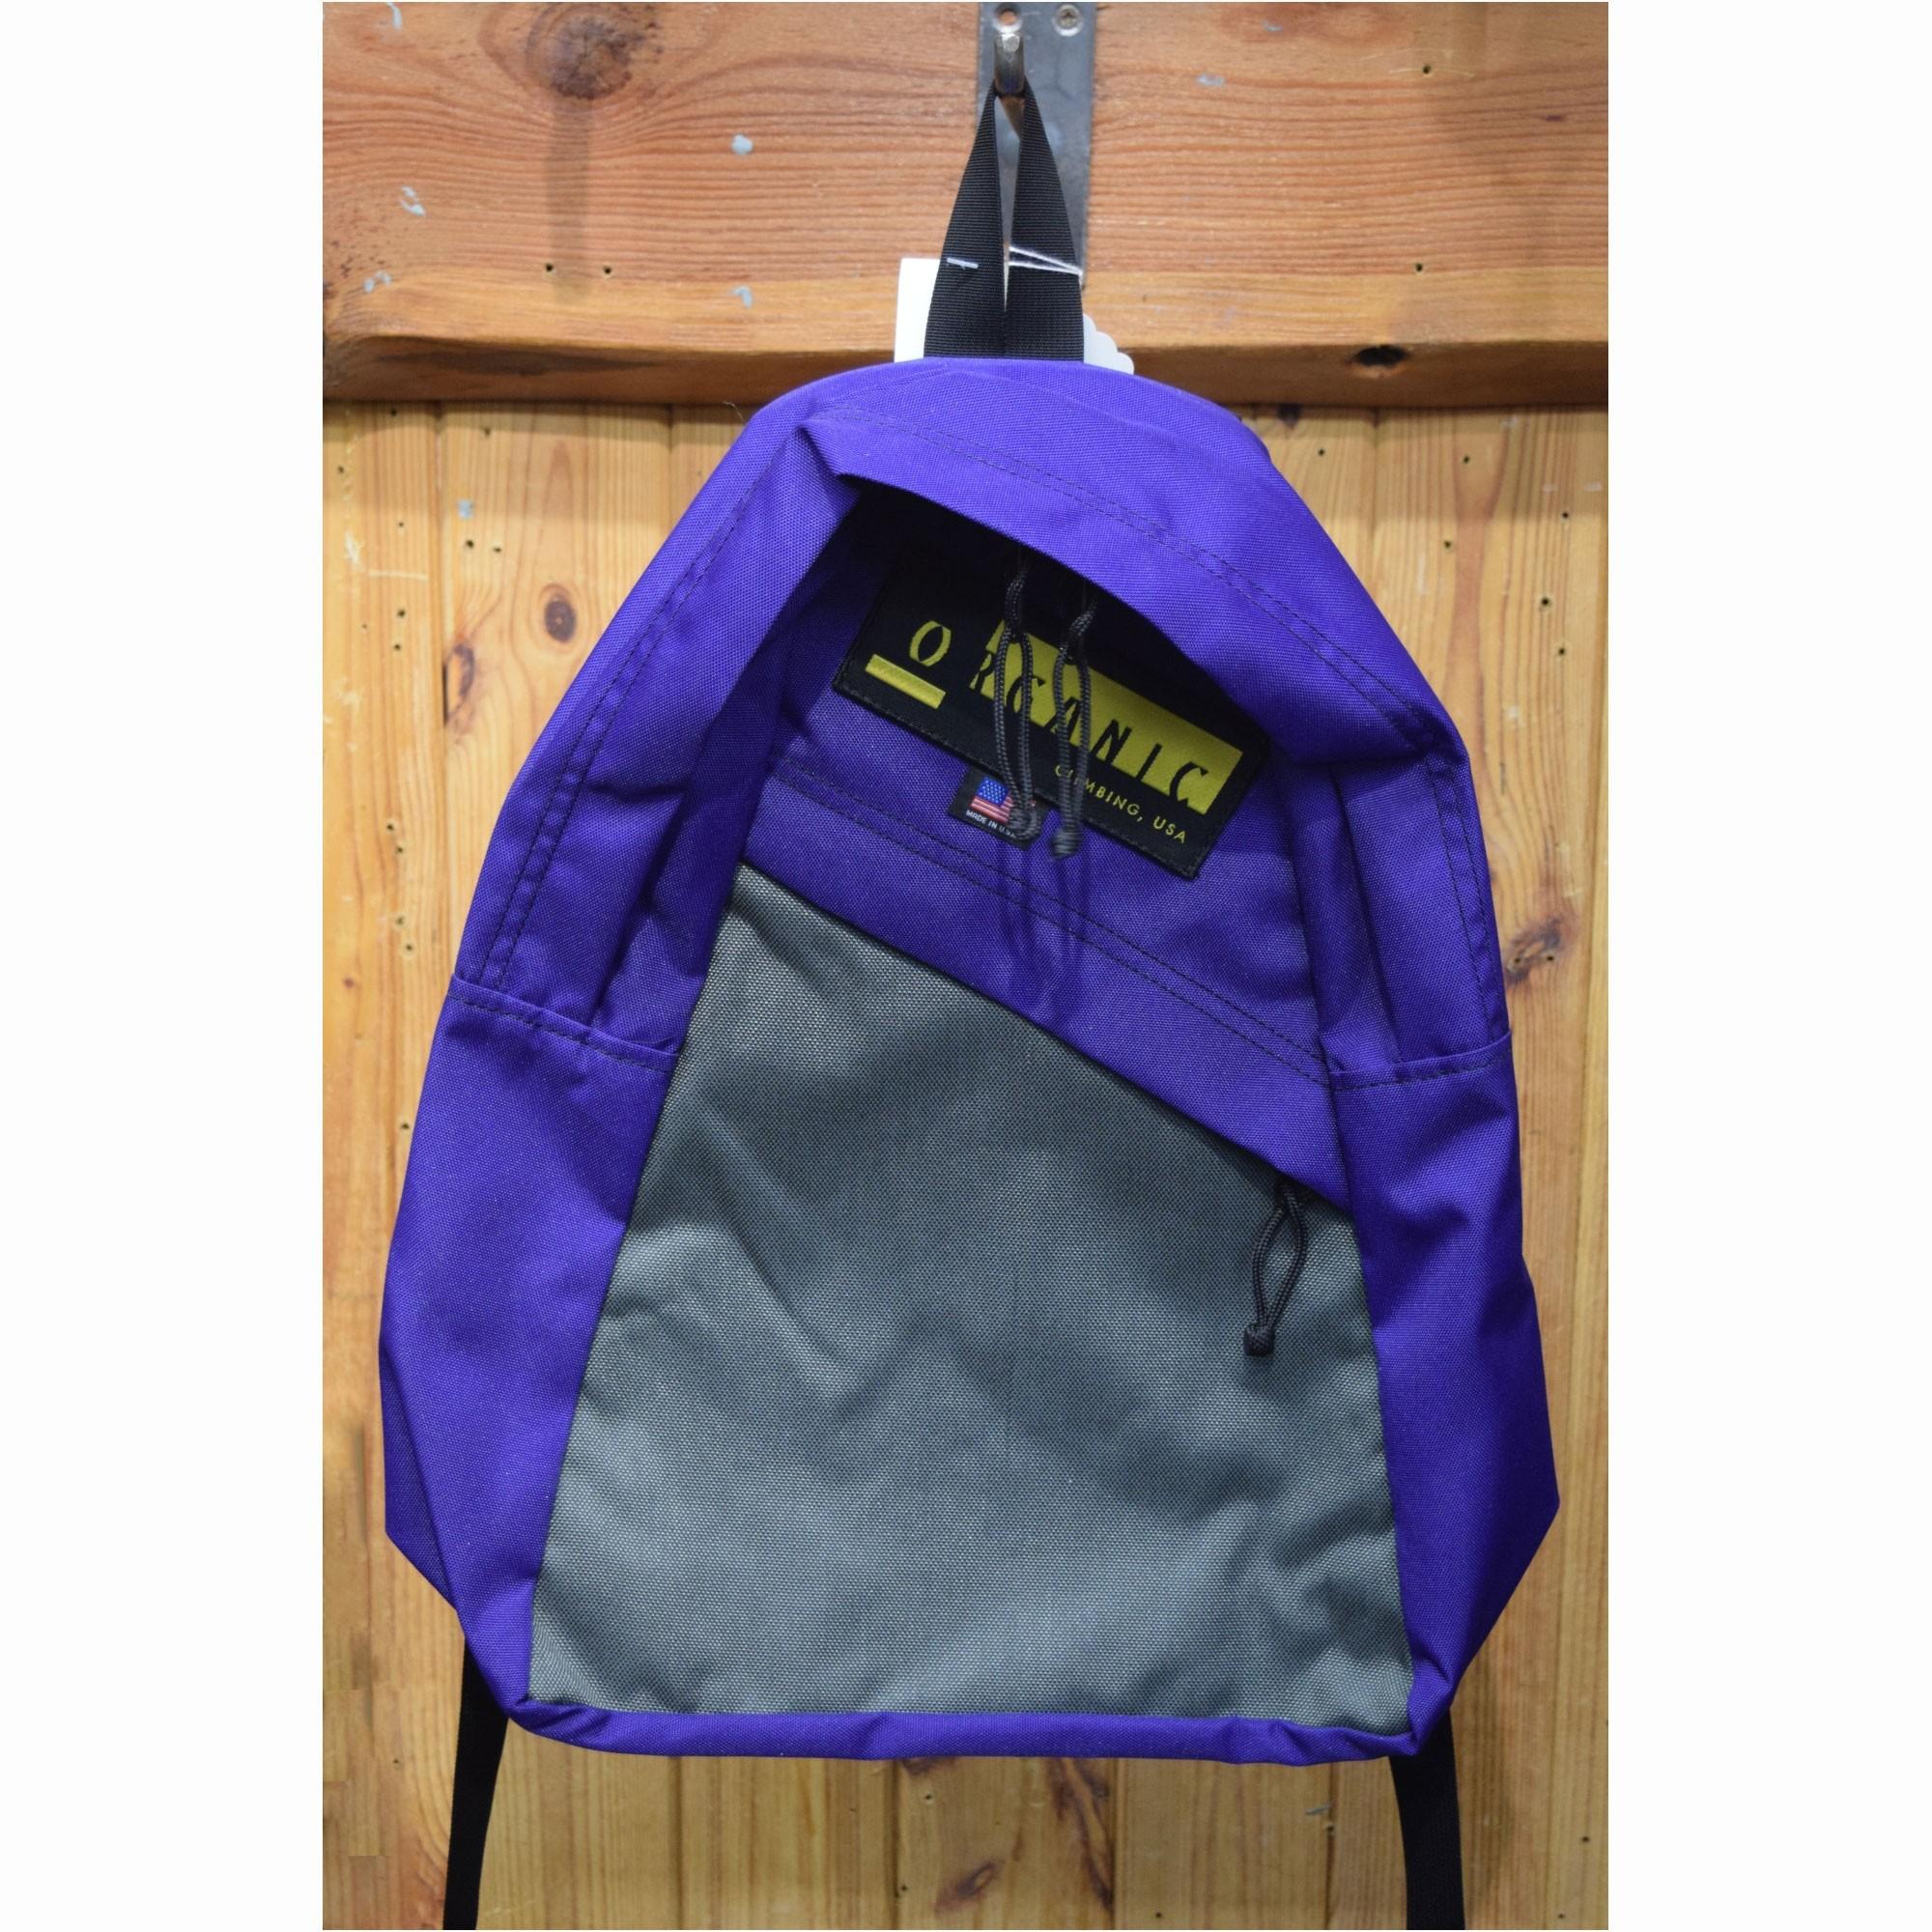 Organic Retro Book Bag